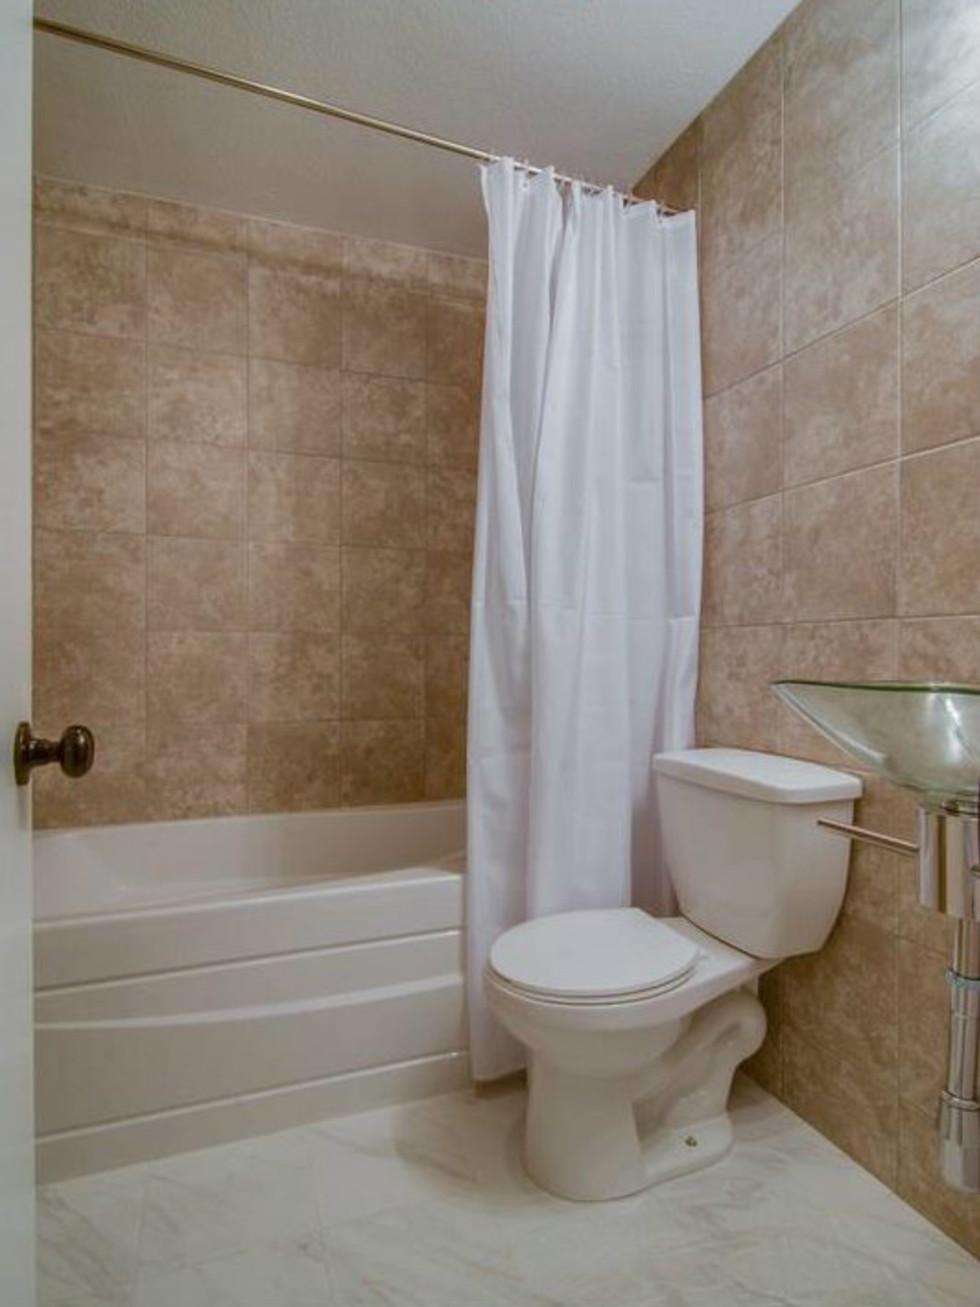 3065 Kinkaid Dr. bathroom in Dallas